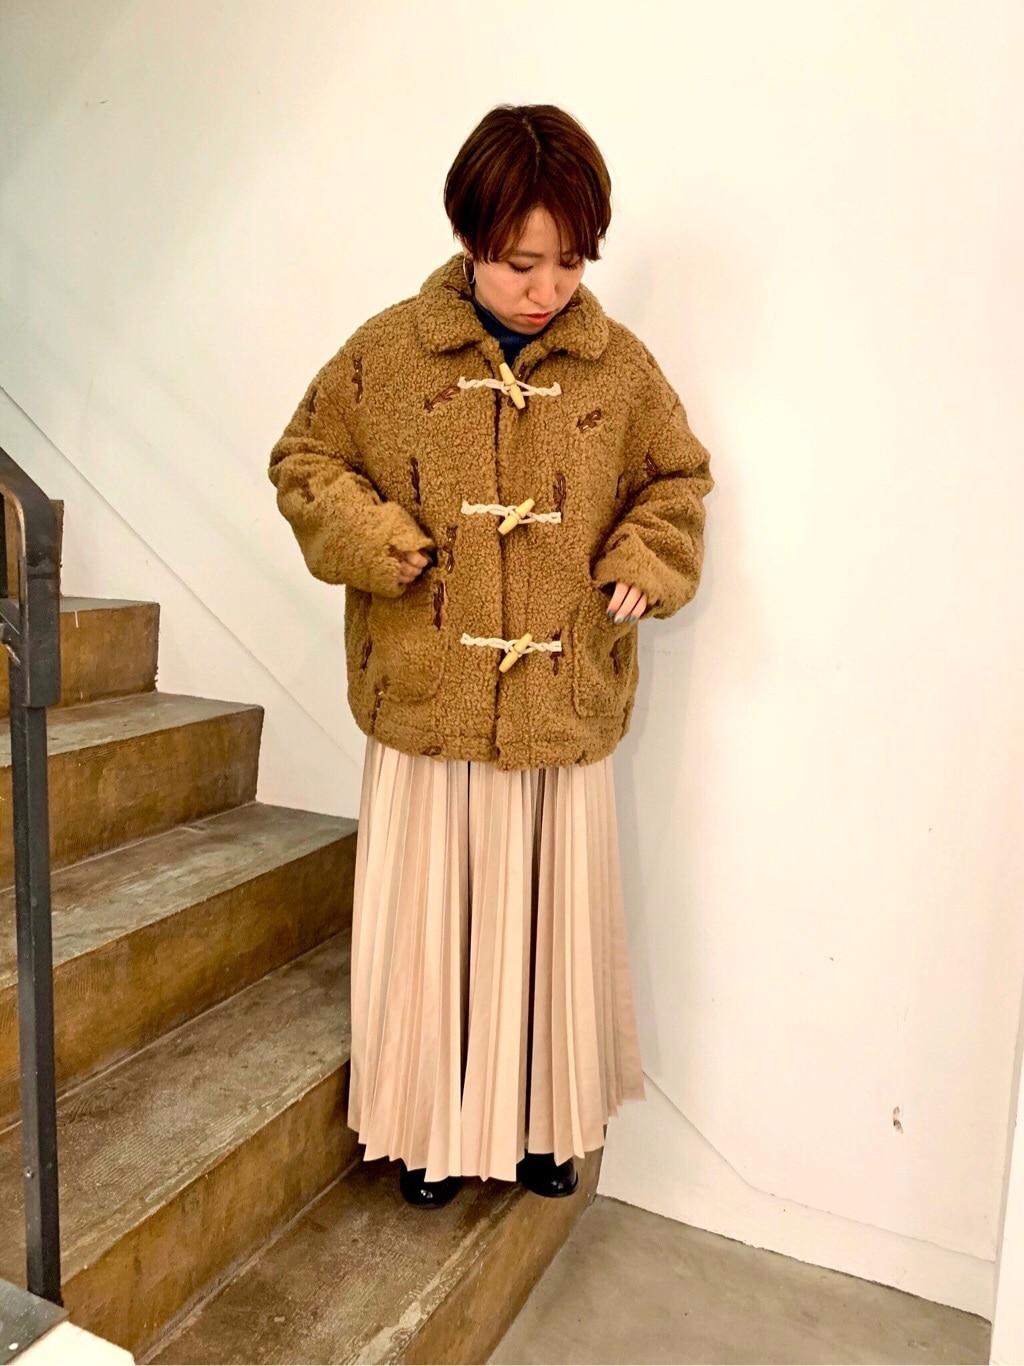 l'atelier du savon 京都路面 身長:148cm 2019.11.16